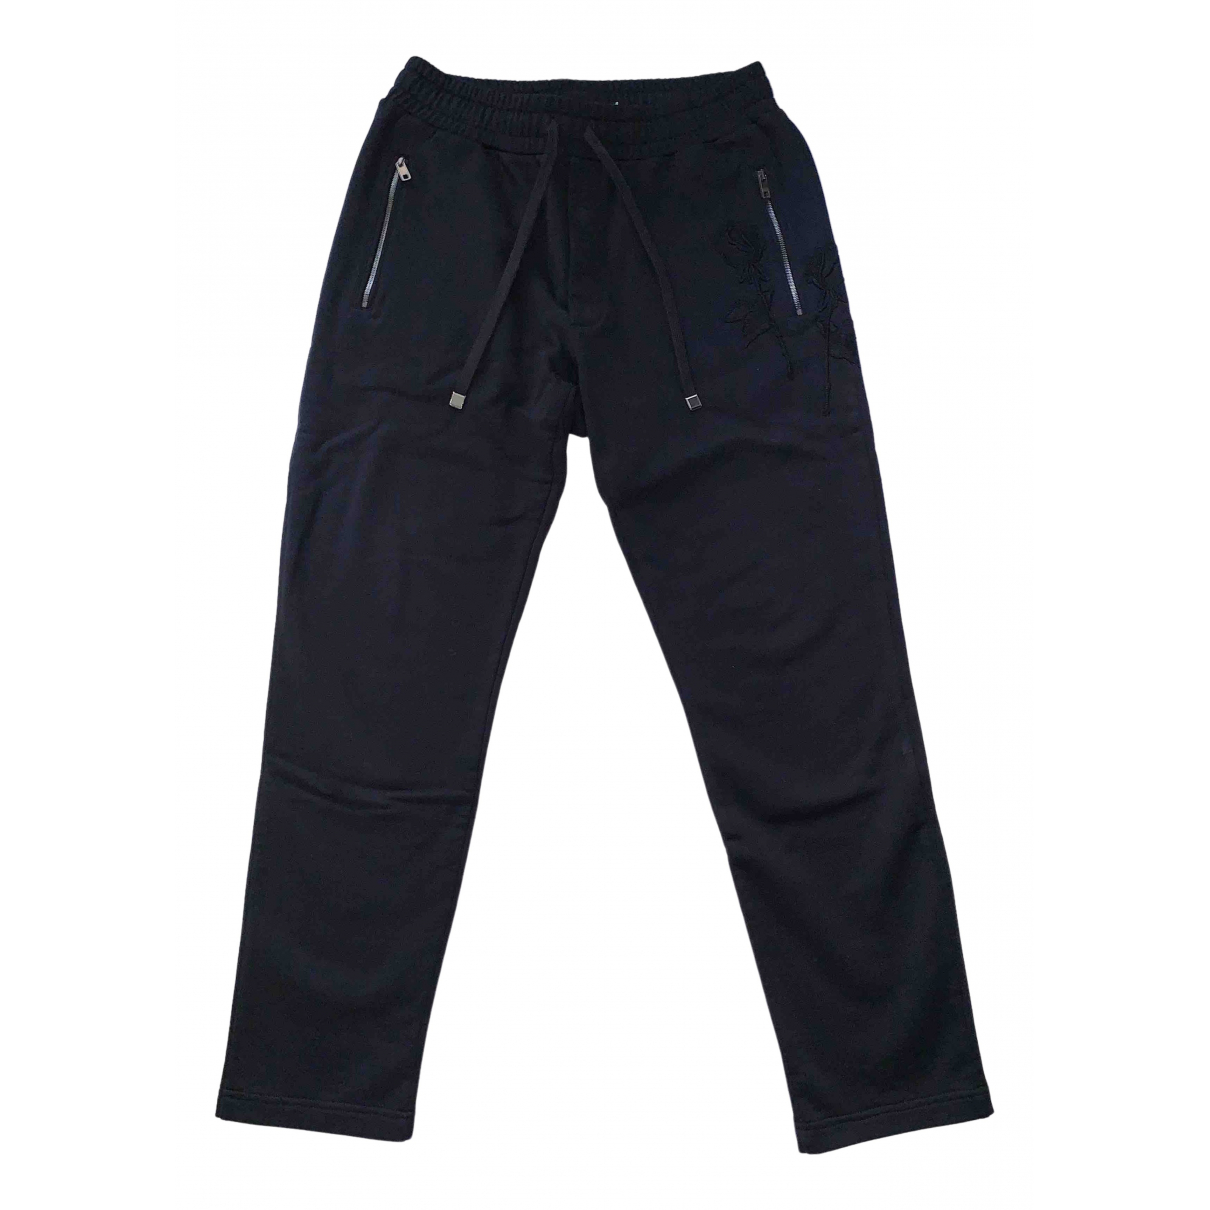 Dolce & Gabbana - Pantalon   pour homme en coton - noir